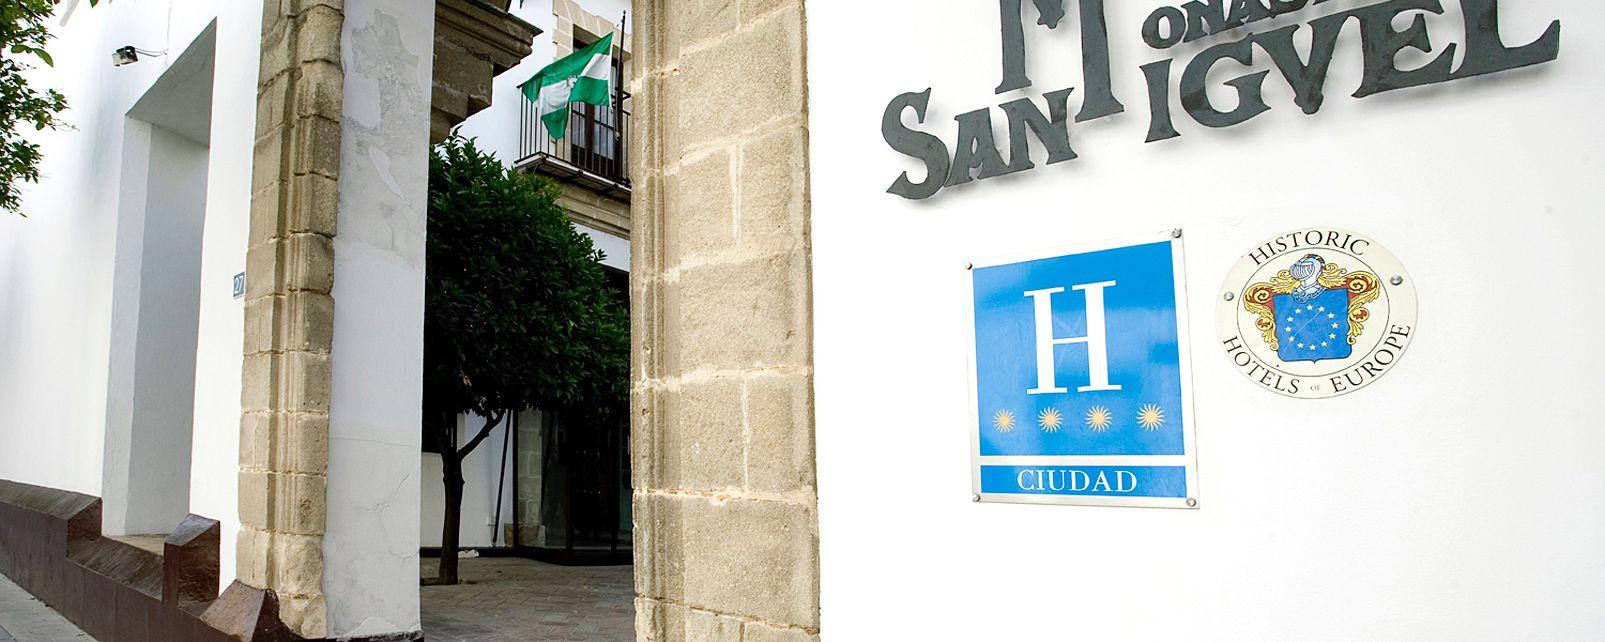 Hotel Monasterio San Miguel Hotel